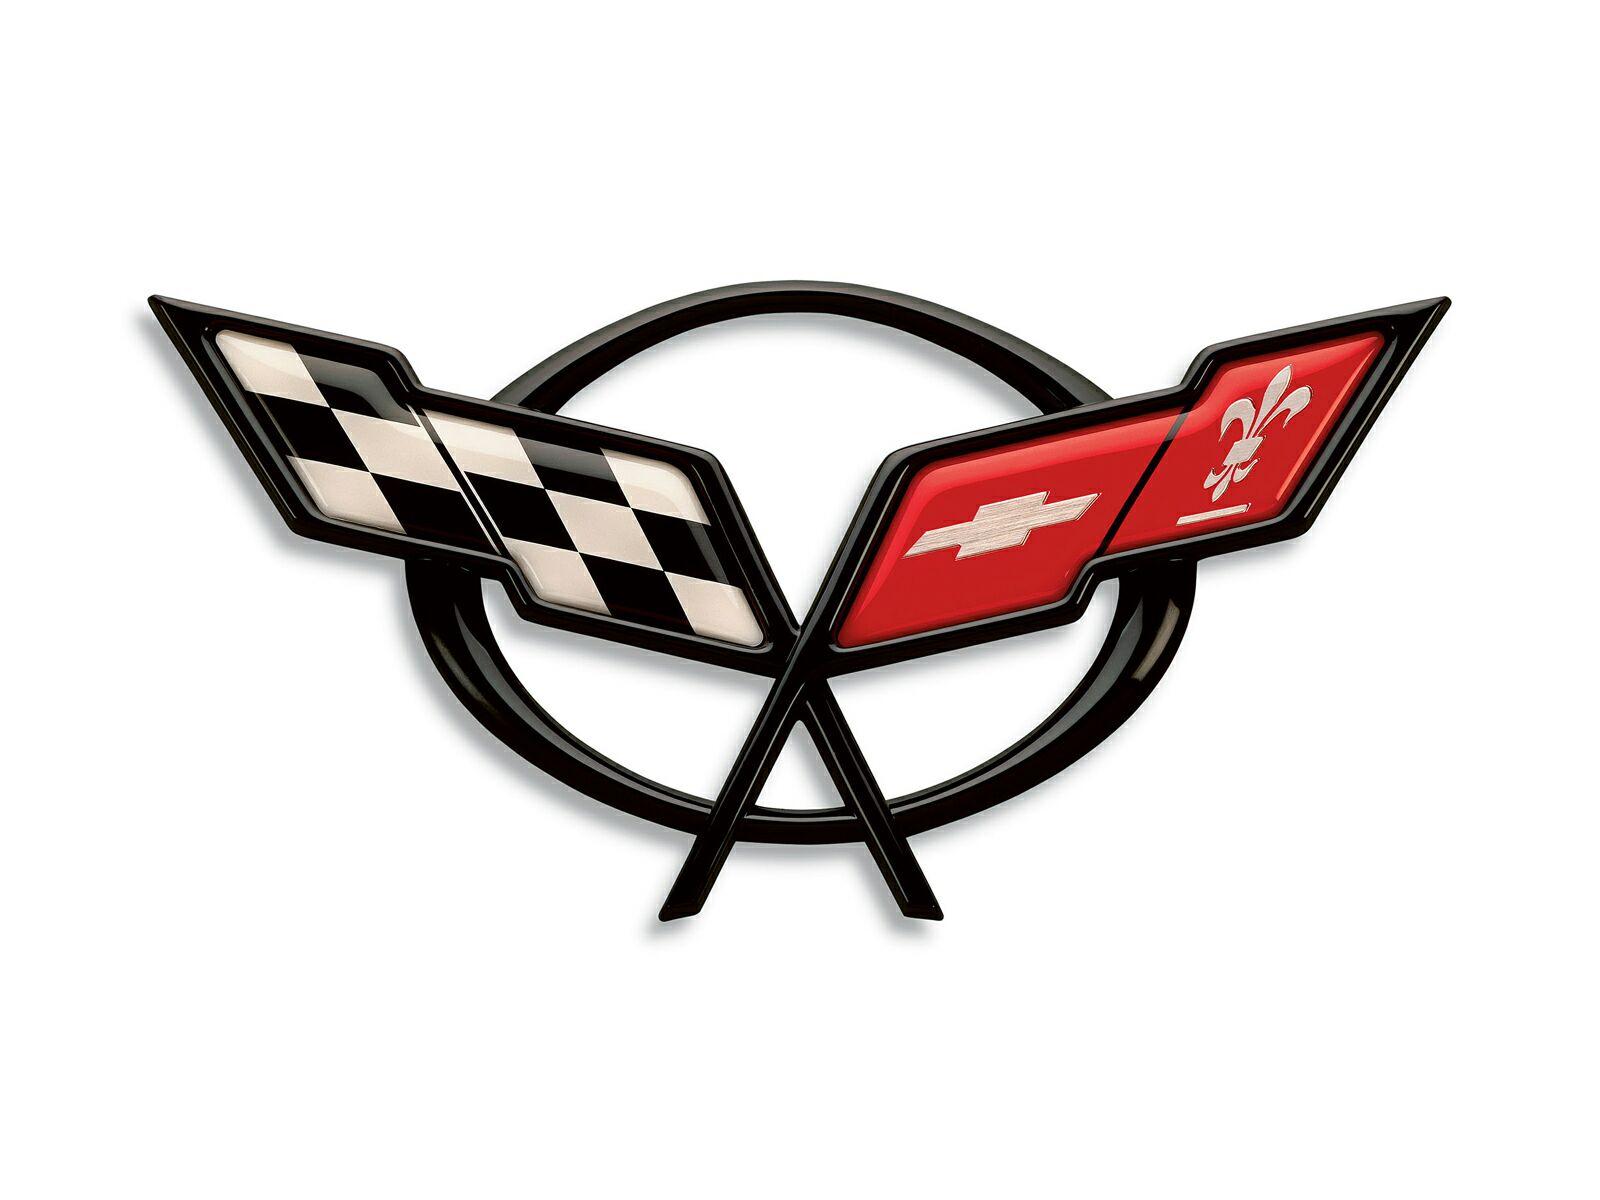 Corvette Chevrolet Symbol Wallpaper